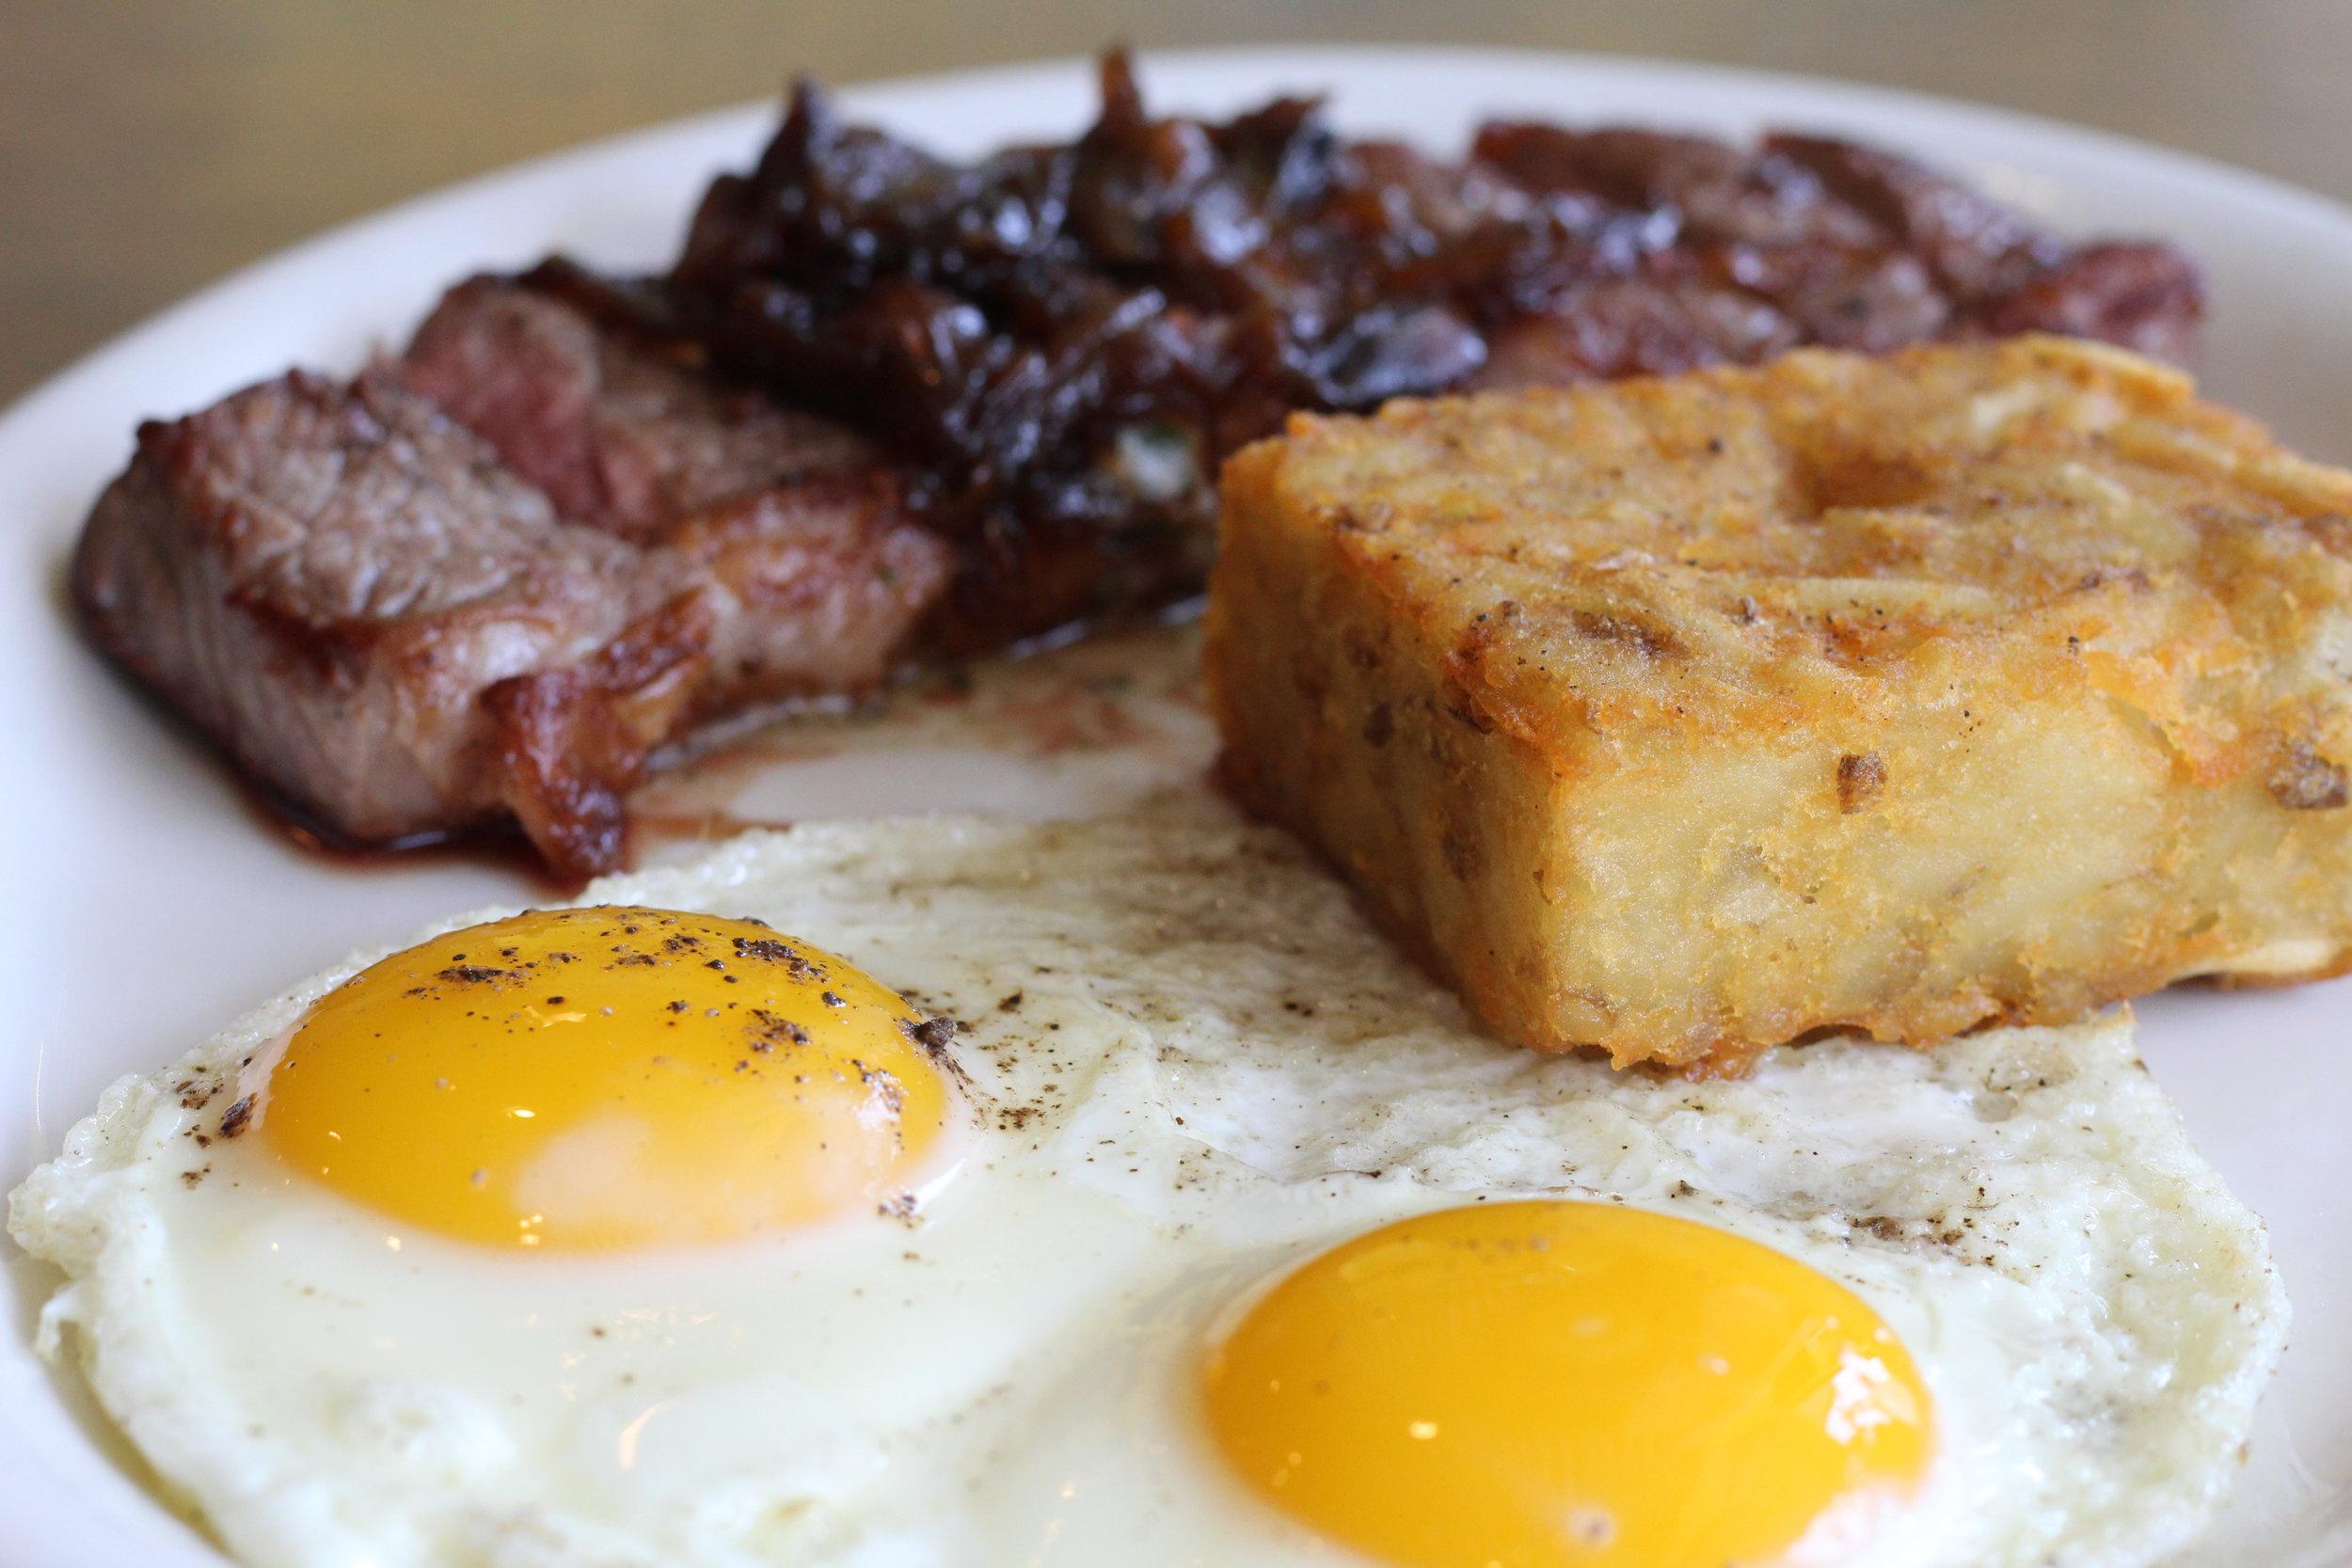 Steak + Eggs